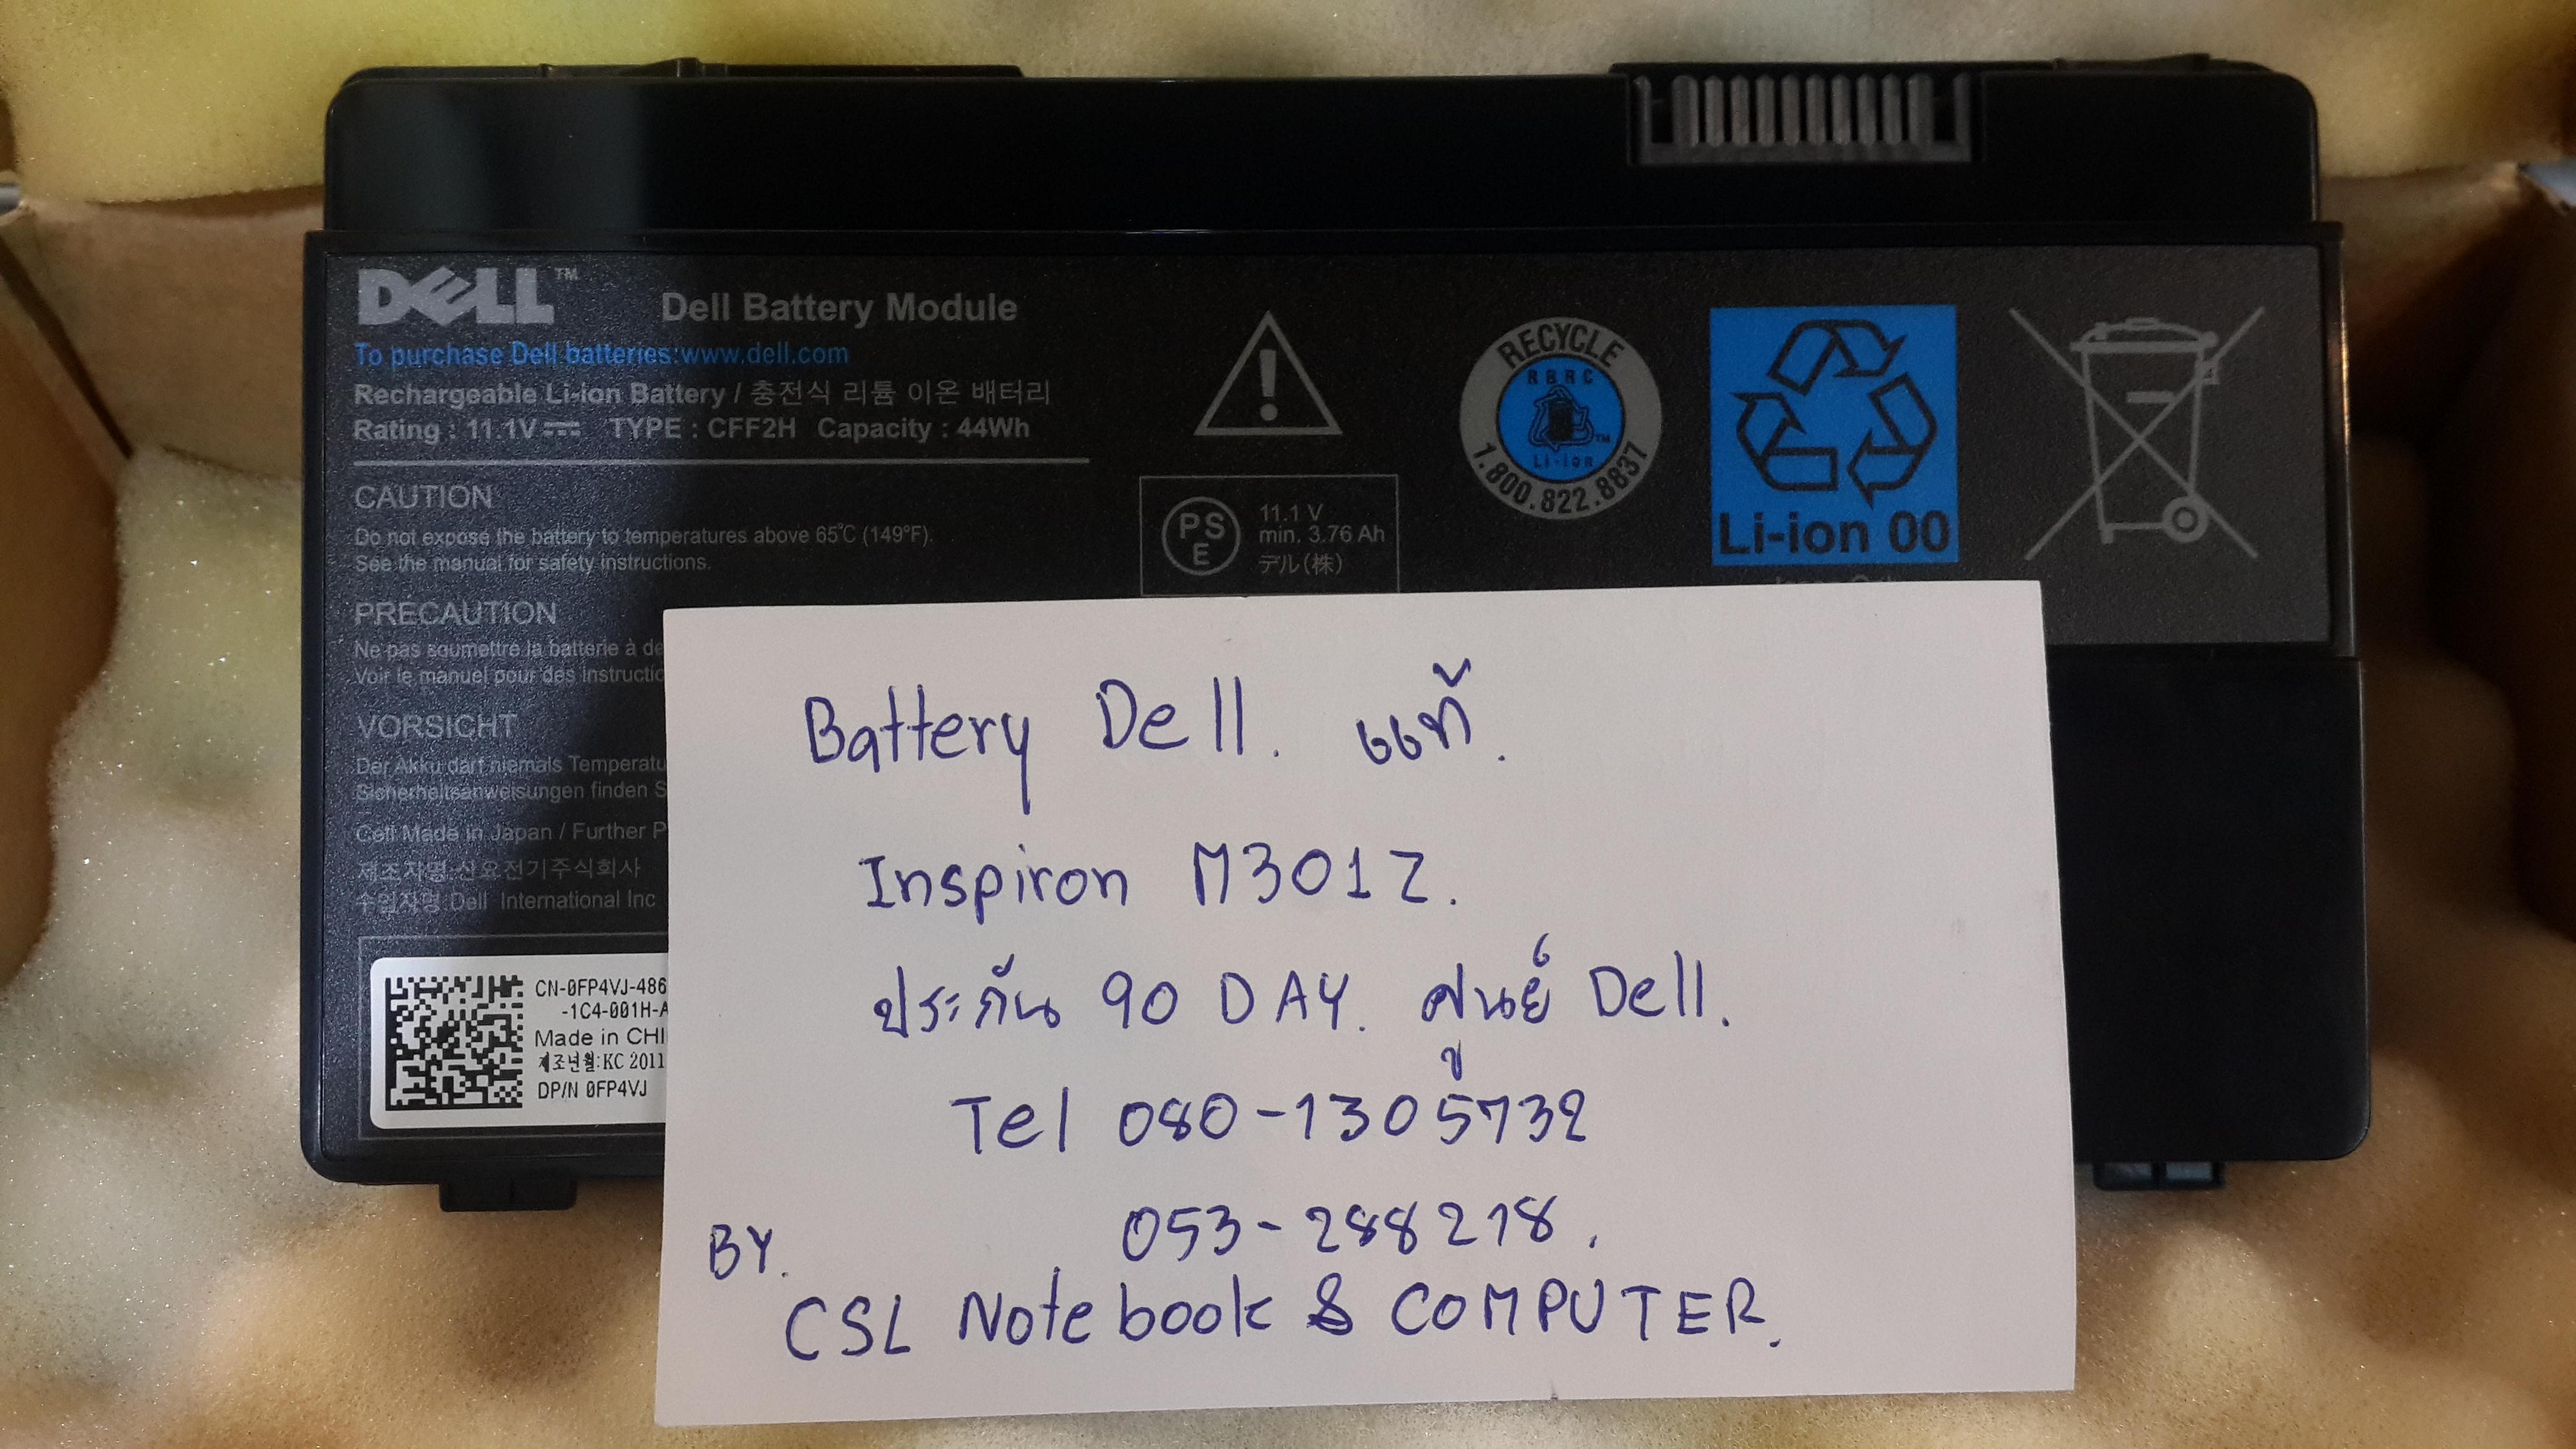 Battery DELL inspiron M301z แท้ประกันศูนย์DELL